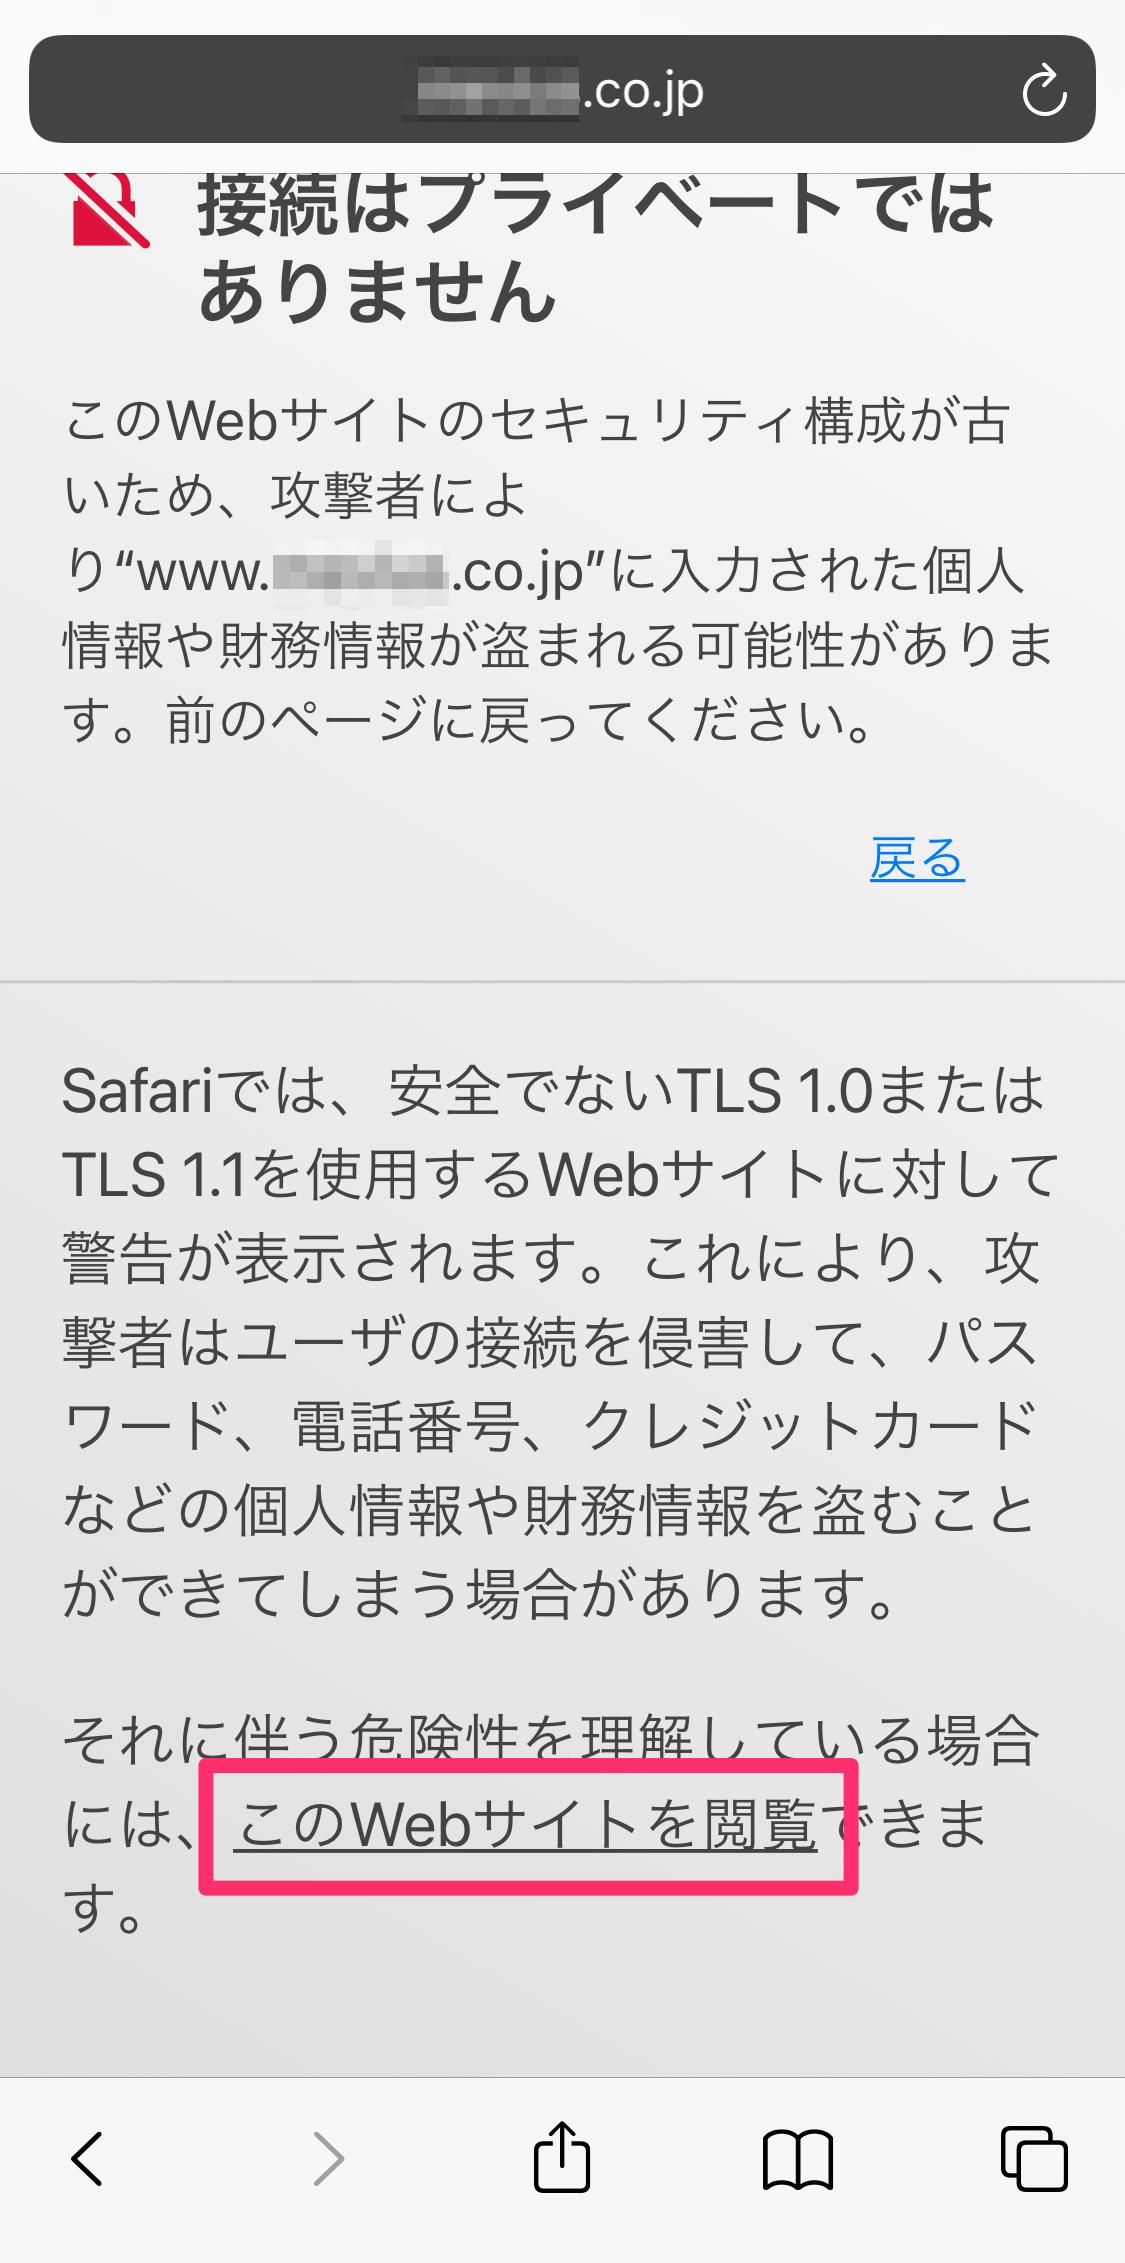 接続はプライベートではありません Safariで「接続はプライベートではありません」と警告を受けます!?